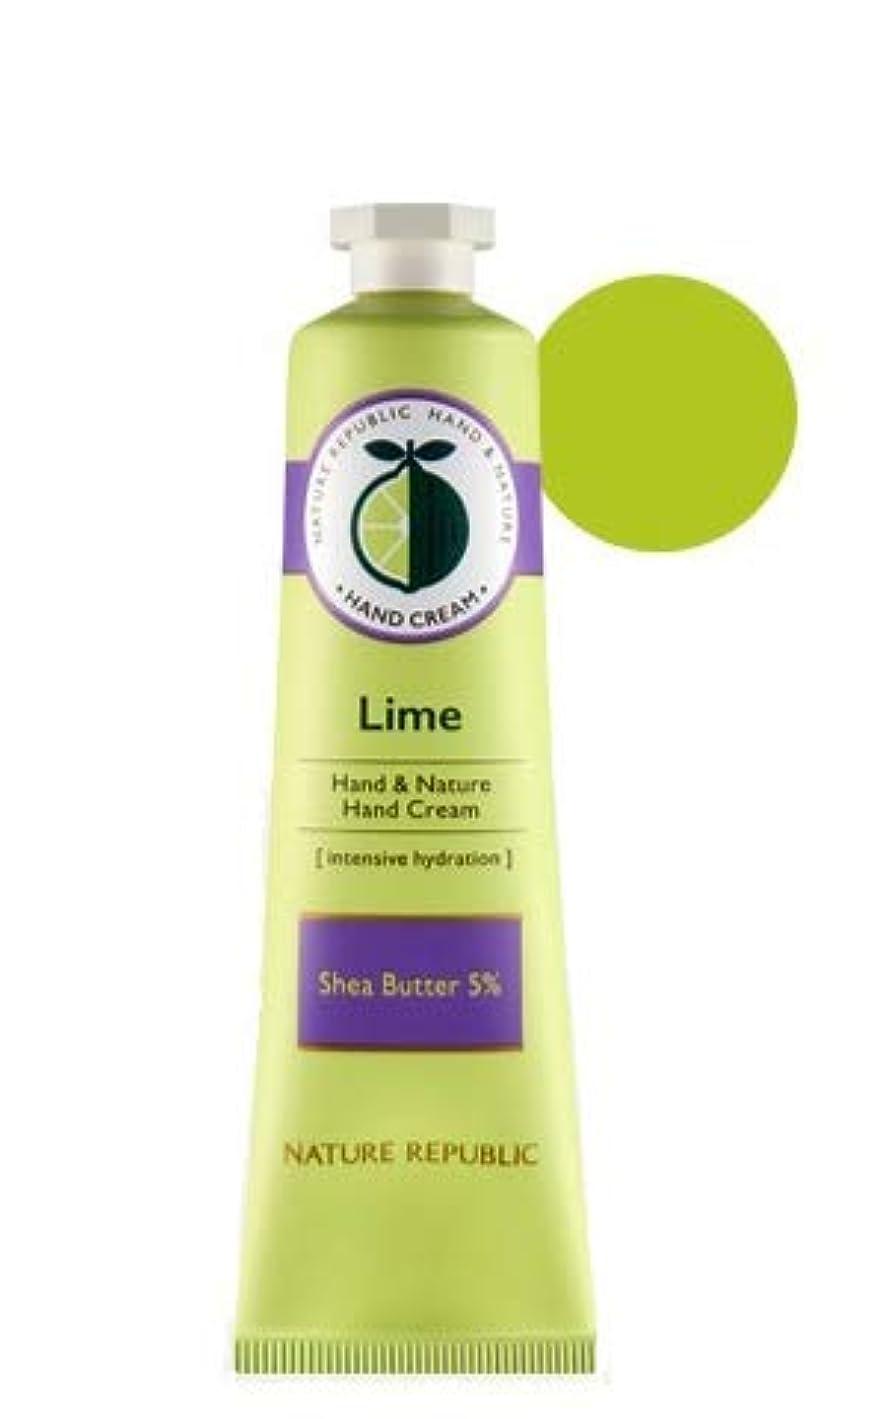 演じる中国宿る[1+1]ネイチャーリパブリック NATURE REPUBLIC ハンドアンドネイチャーハンドクリーム Hand & Nature Hand Cream (# LIME) [並行輸入品]